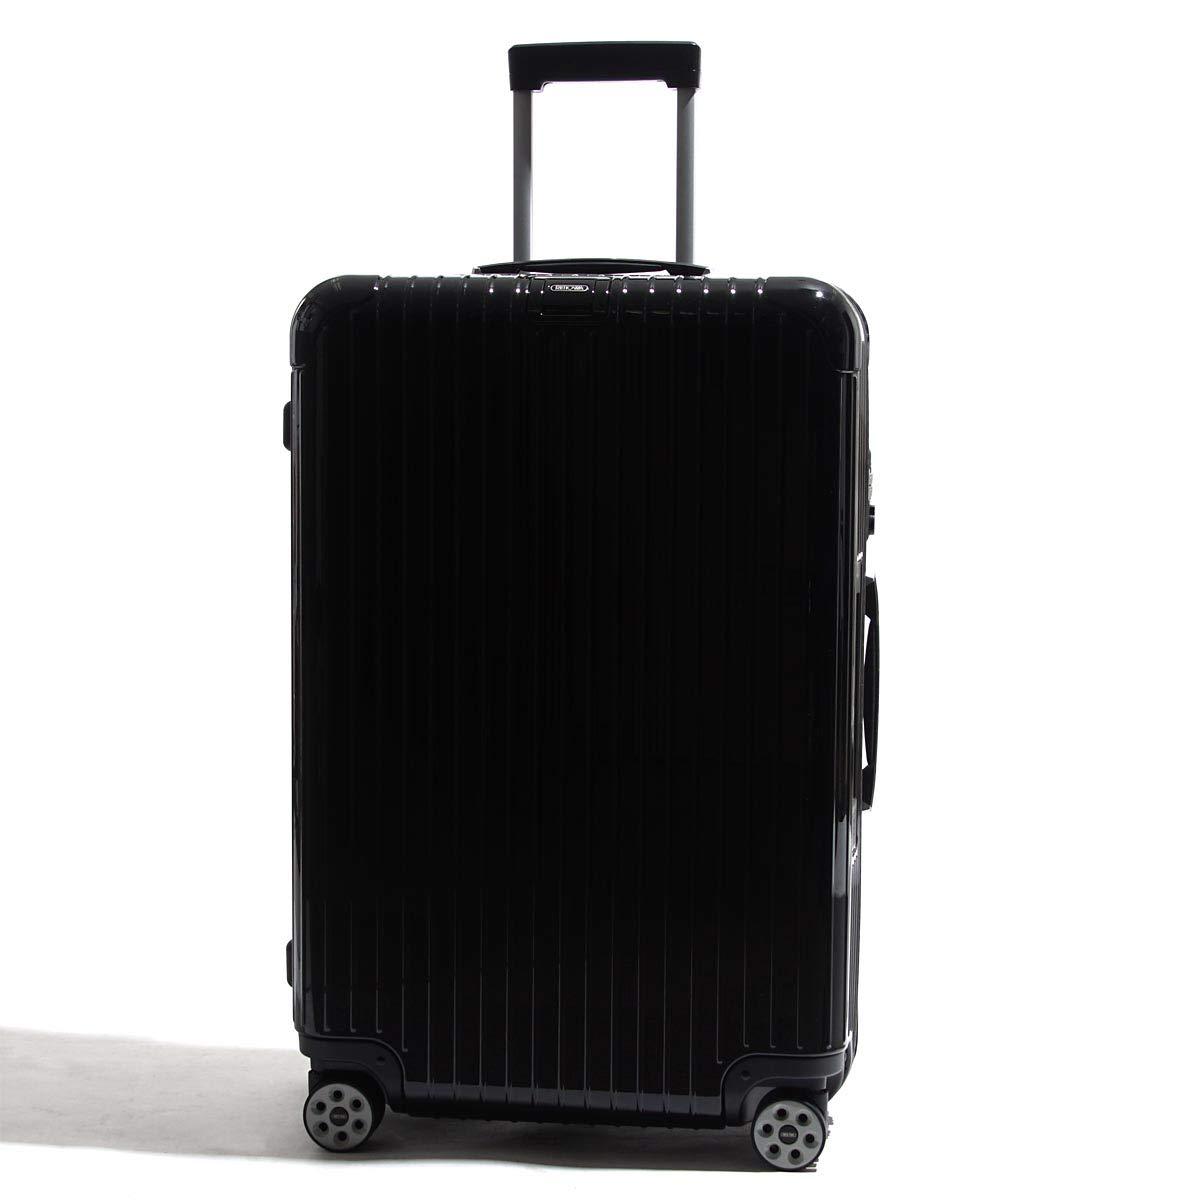 (リモワ) RIMOWA スーツケース 電子タグ仕様 SALSA DELUXE 73 E-TAG サルサデラックス 87L [並行輸入品] B07GQGQPXJ